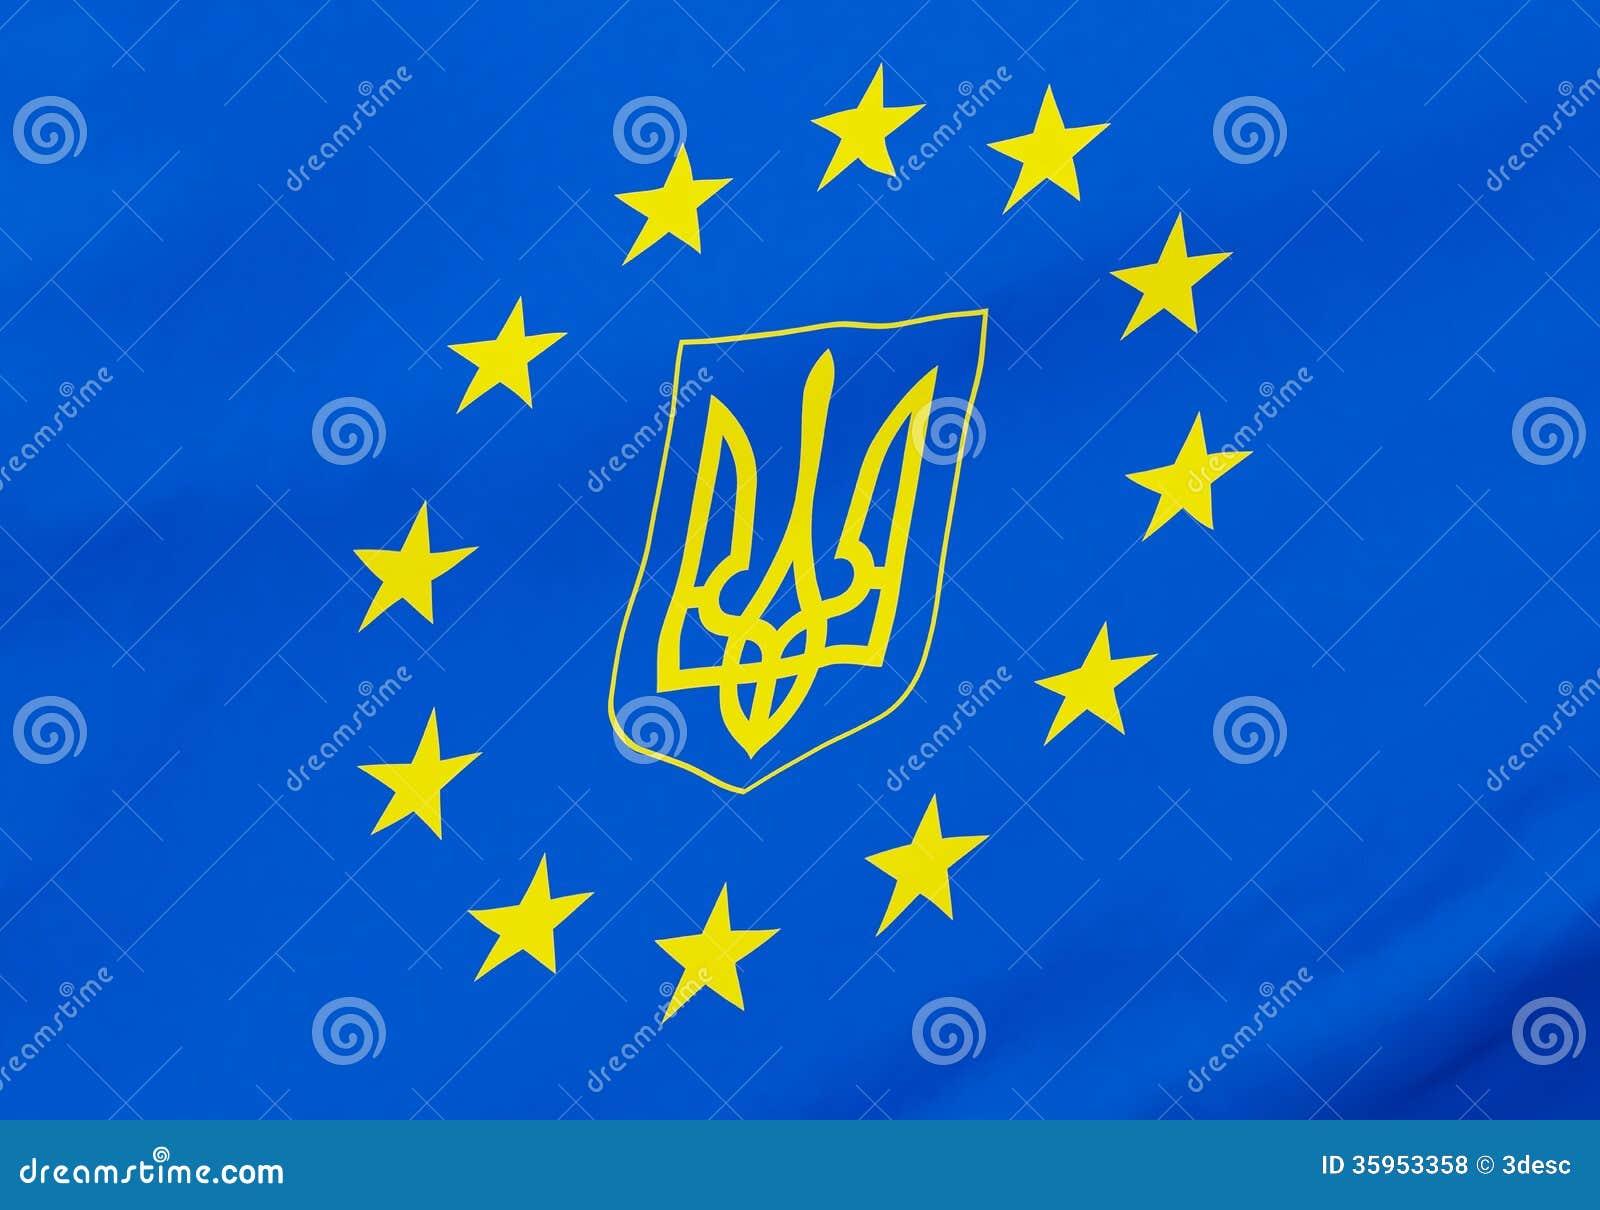 Bandera del gerb de Ucrania de la unión europea